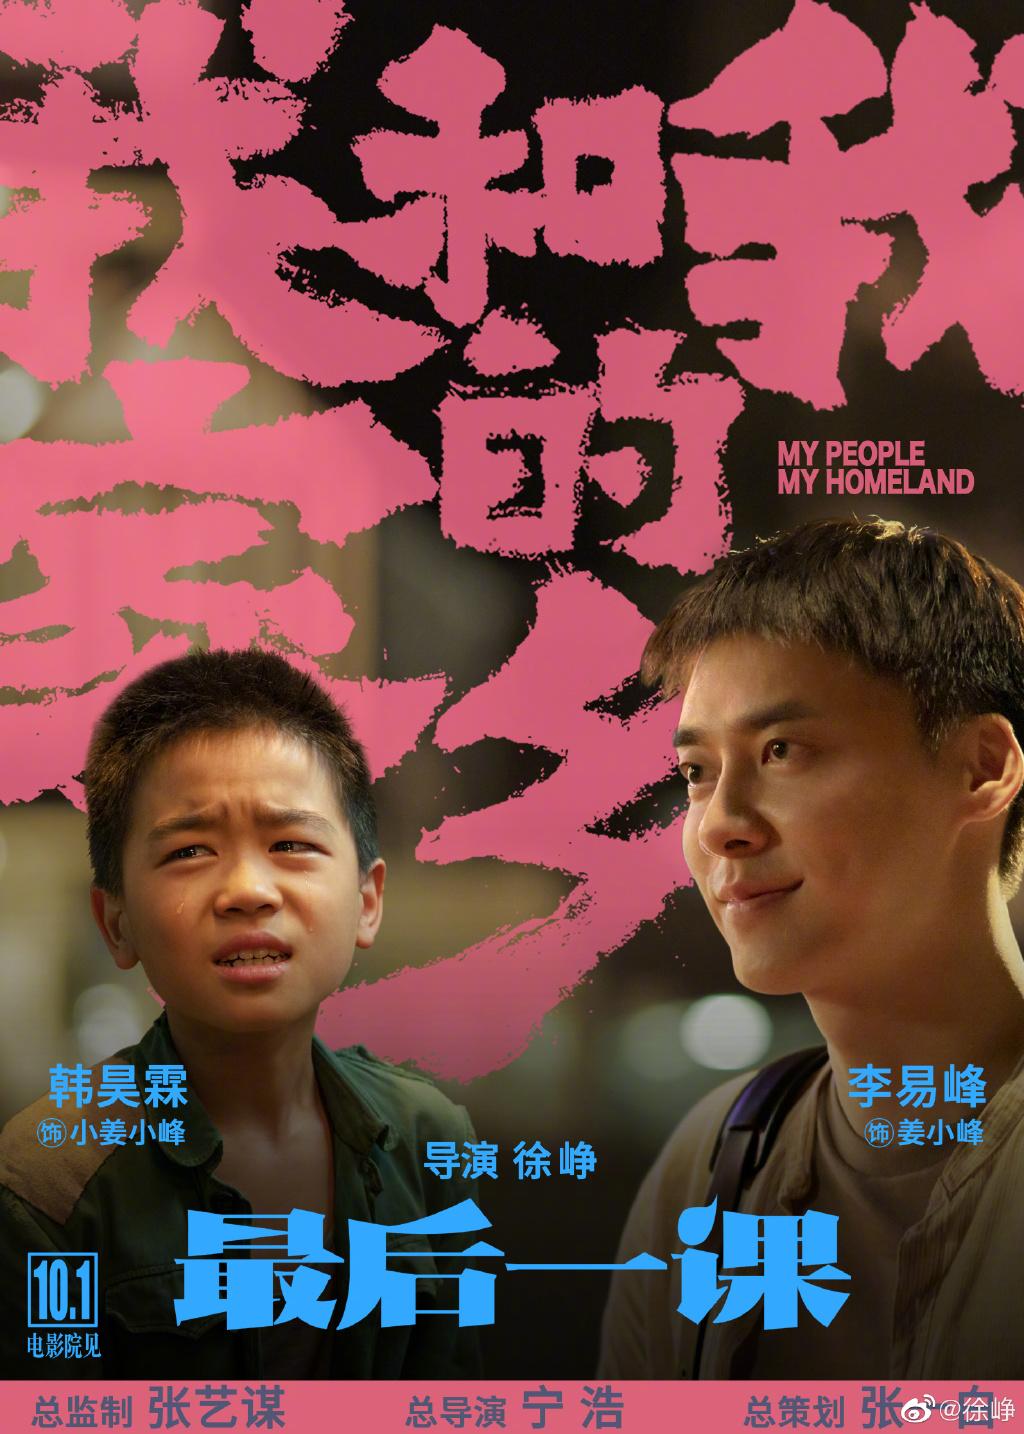 澎湃新闻|徐峥回母校谈《我和我的家乡》:主旋律也可以有趣生动